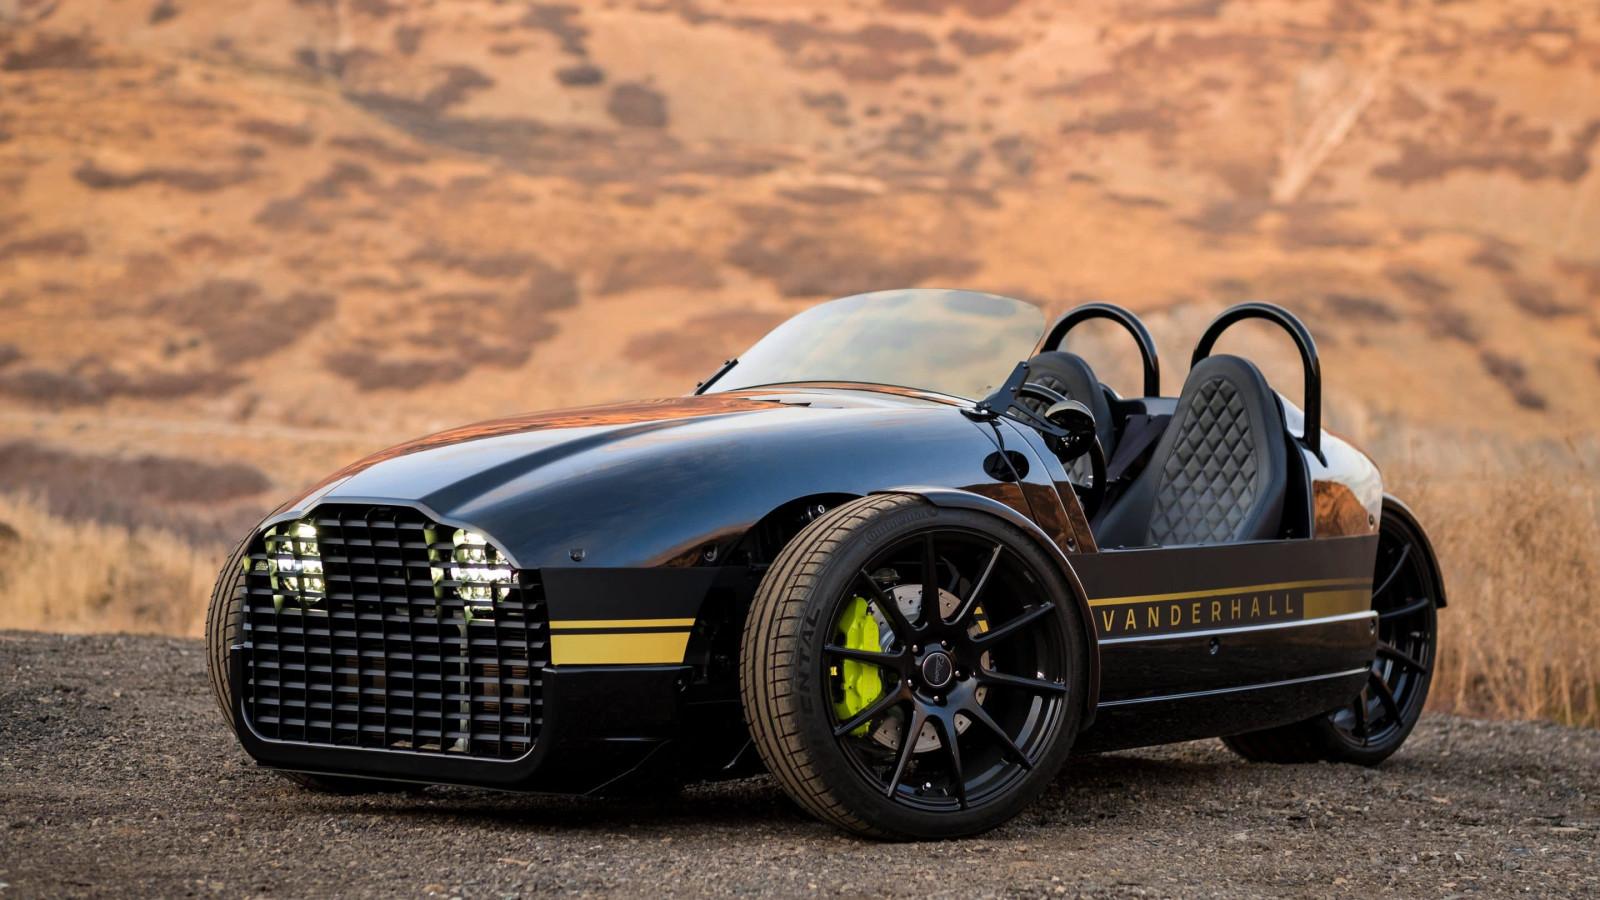 E-Fahrzeug, Elektromobilität, Vanderhall Edison²